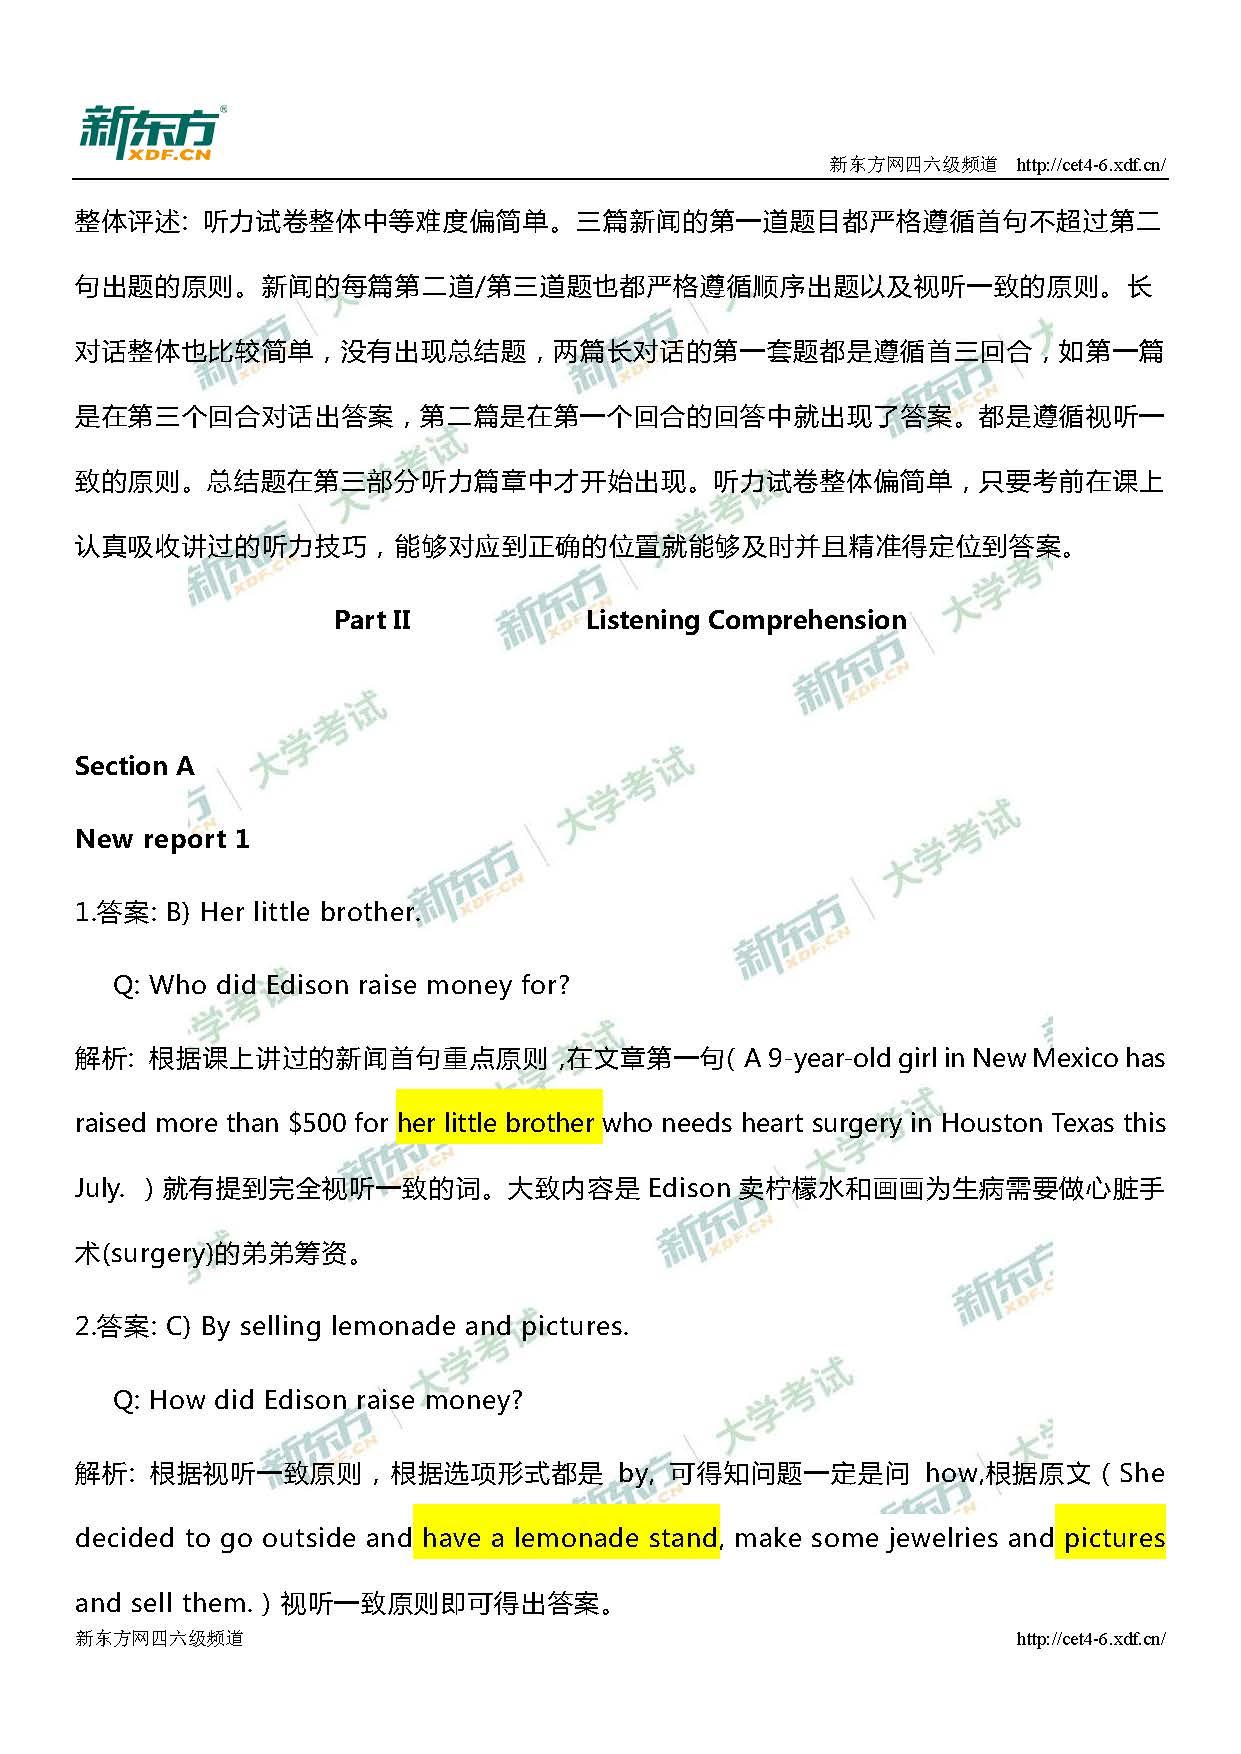 2017年12月英语四级听力真题答案解析(徐州新东方)